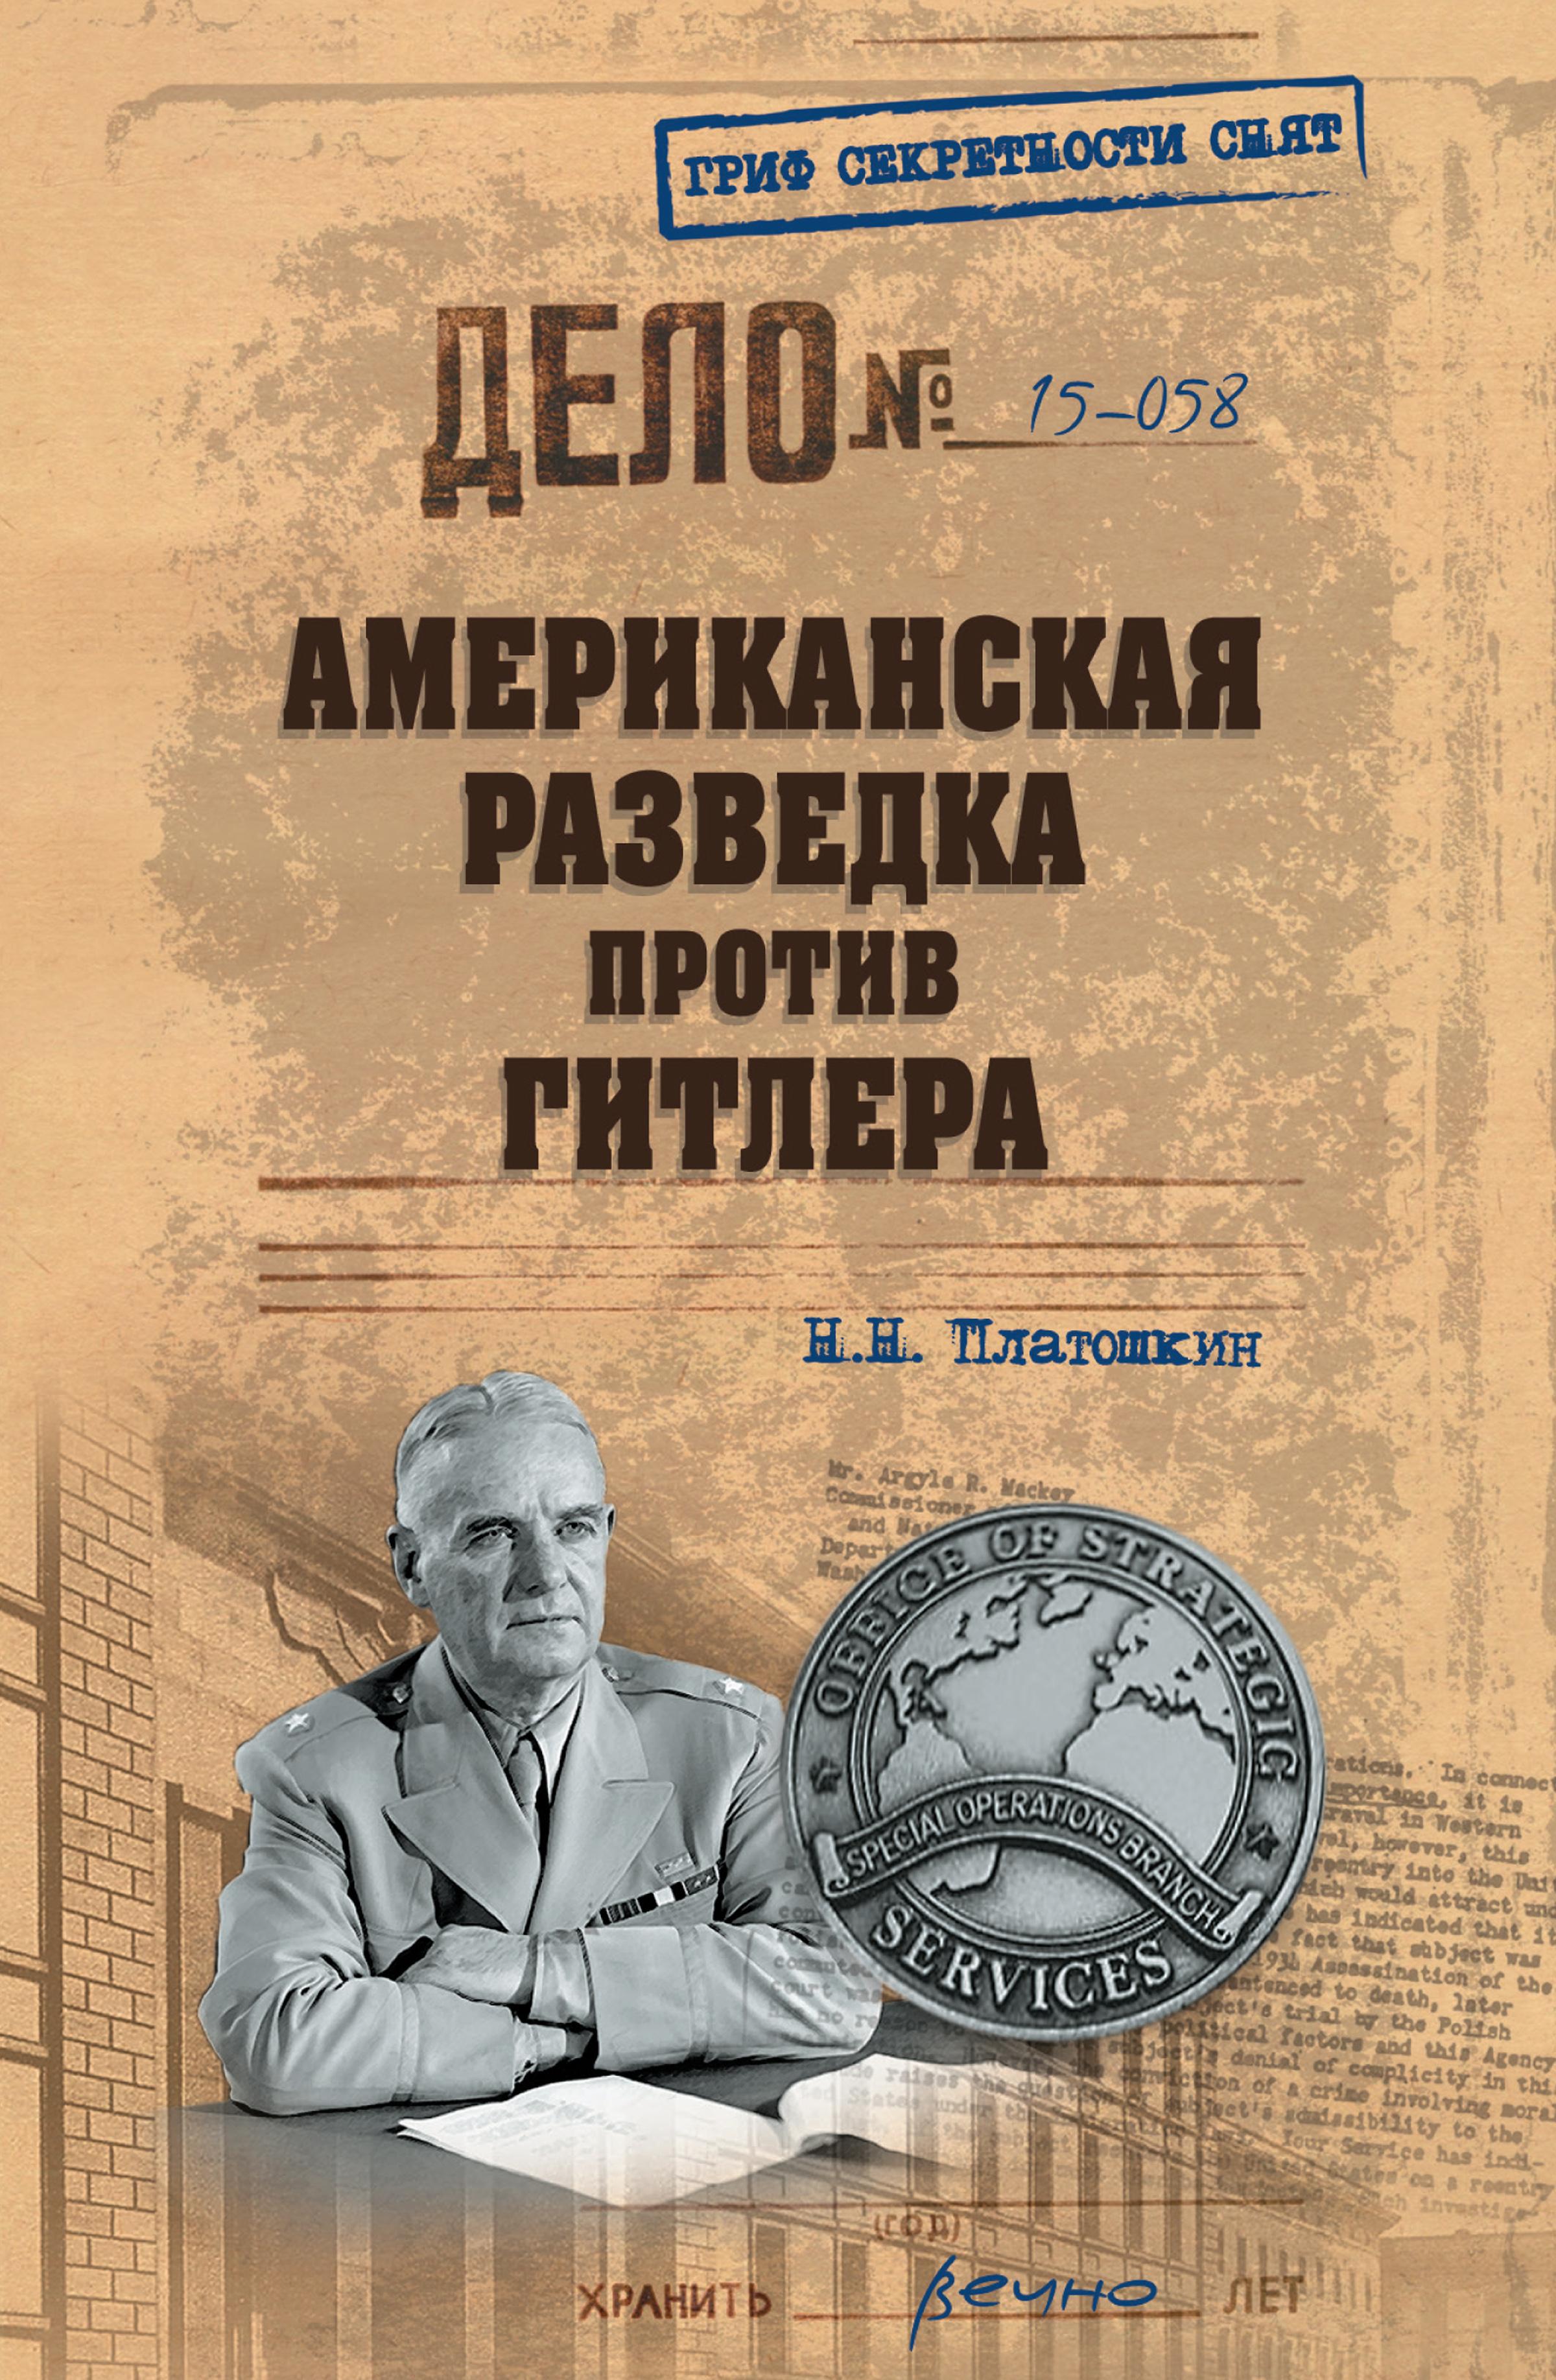 Николай Платошкин Американская разведка против Гитлера екатерина владимировна ересько на тропе войны мамы против бабушек дети против всех